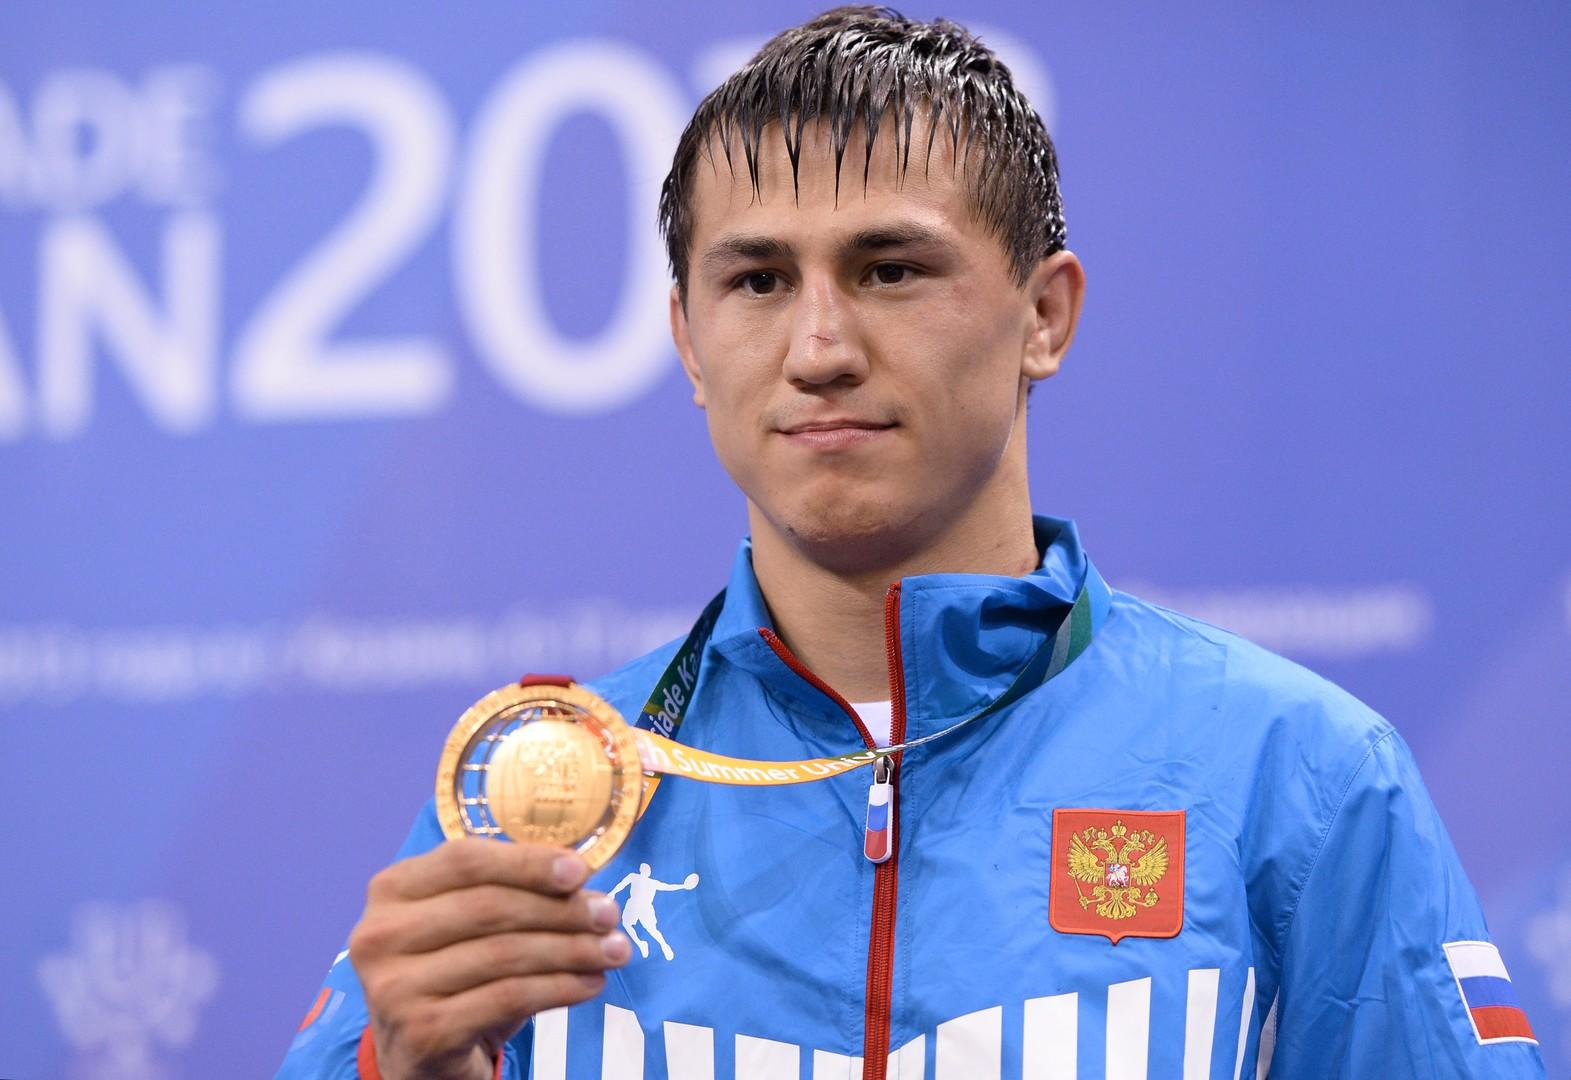 Auch Roman Vlasov war von einem Hymnentausch betroffen.